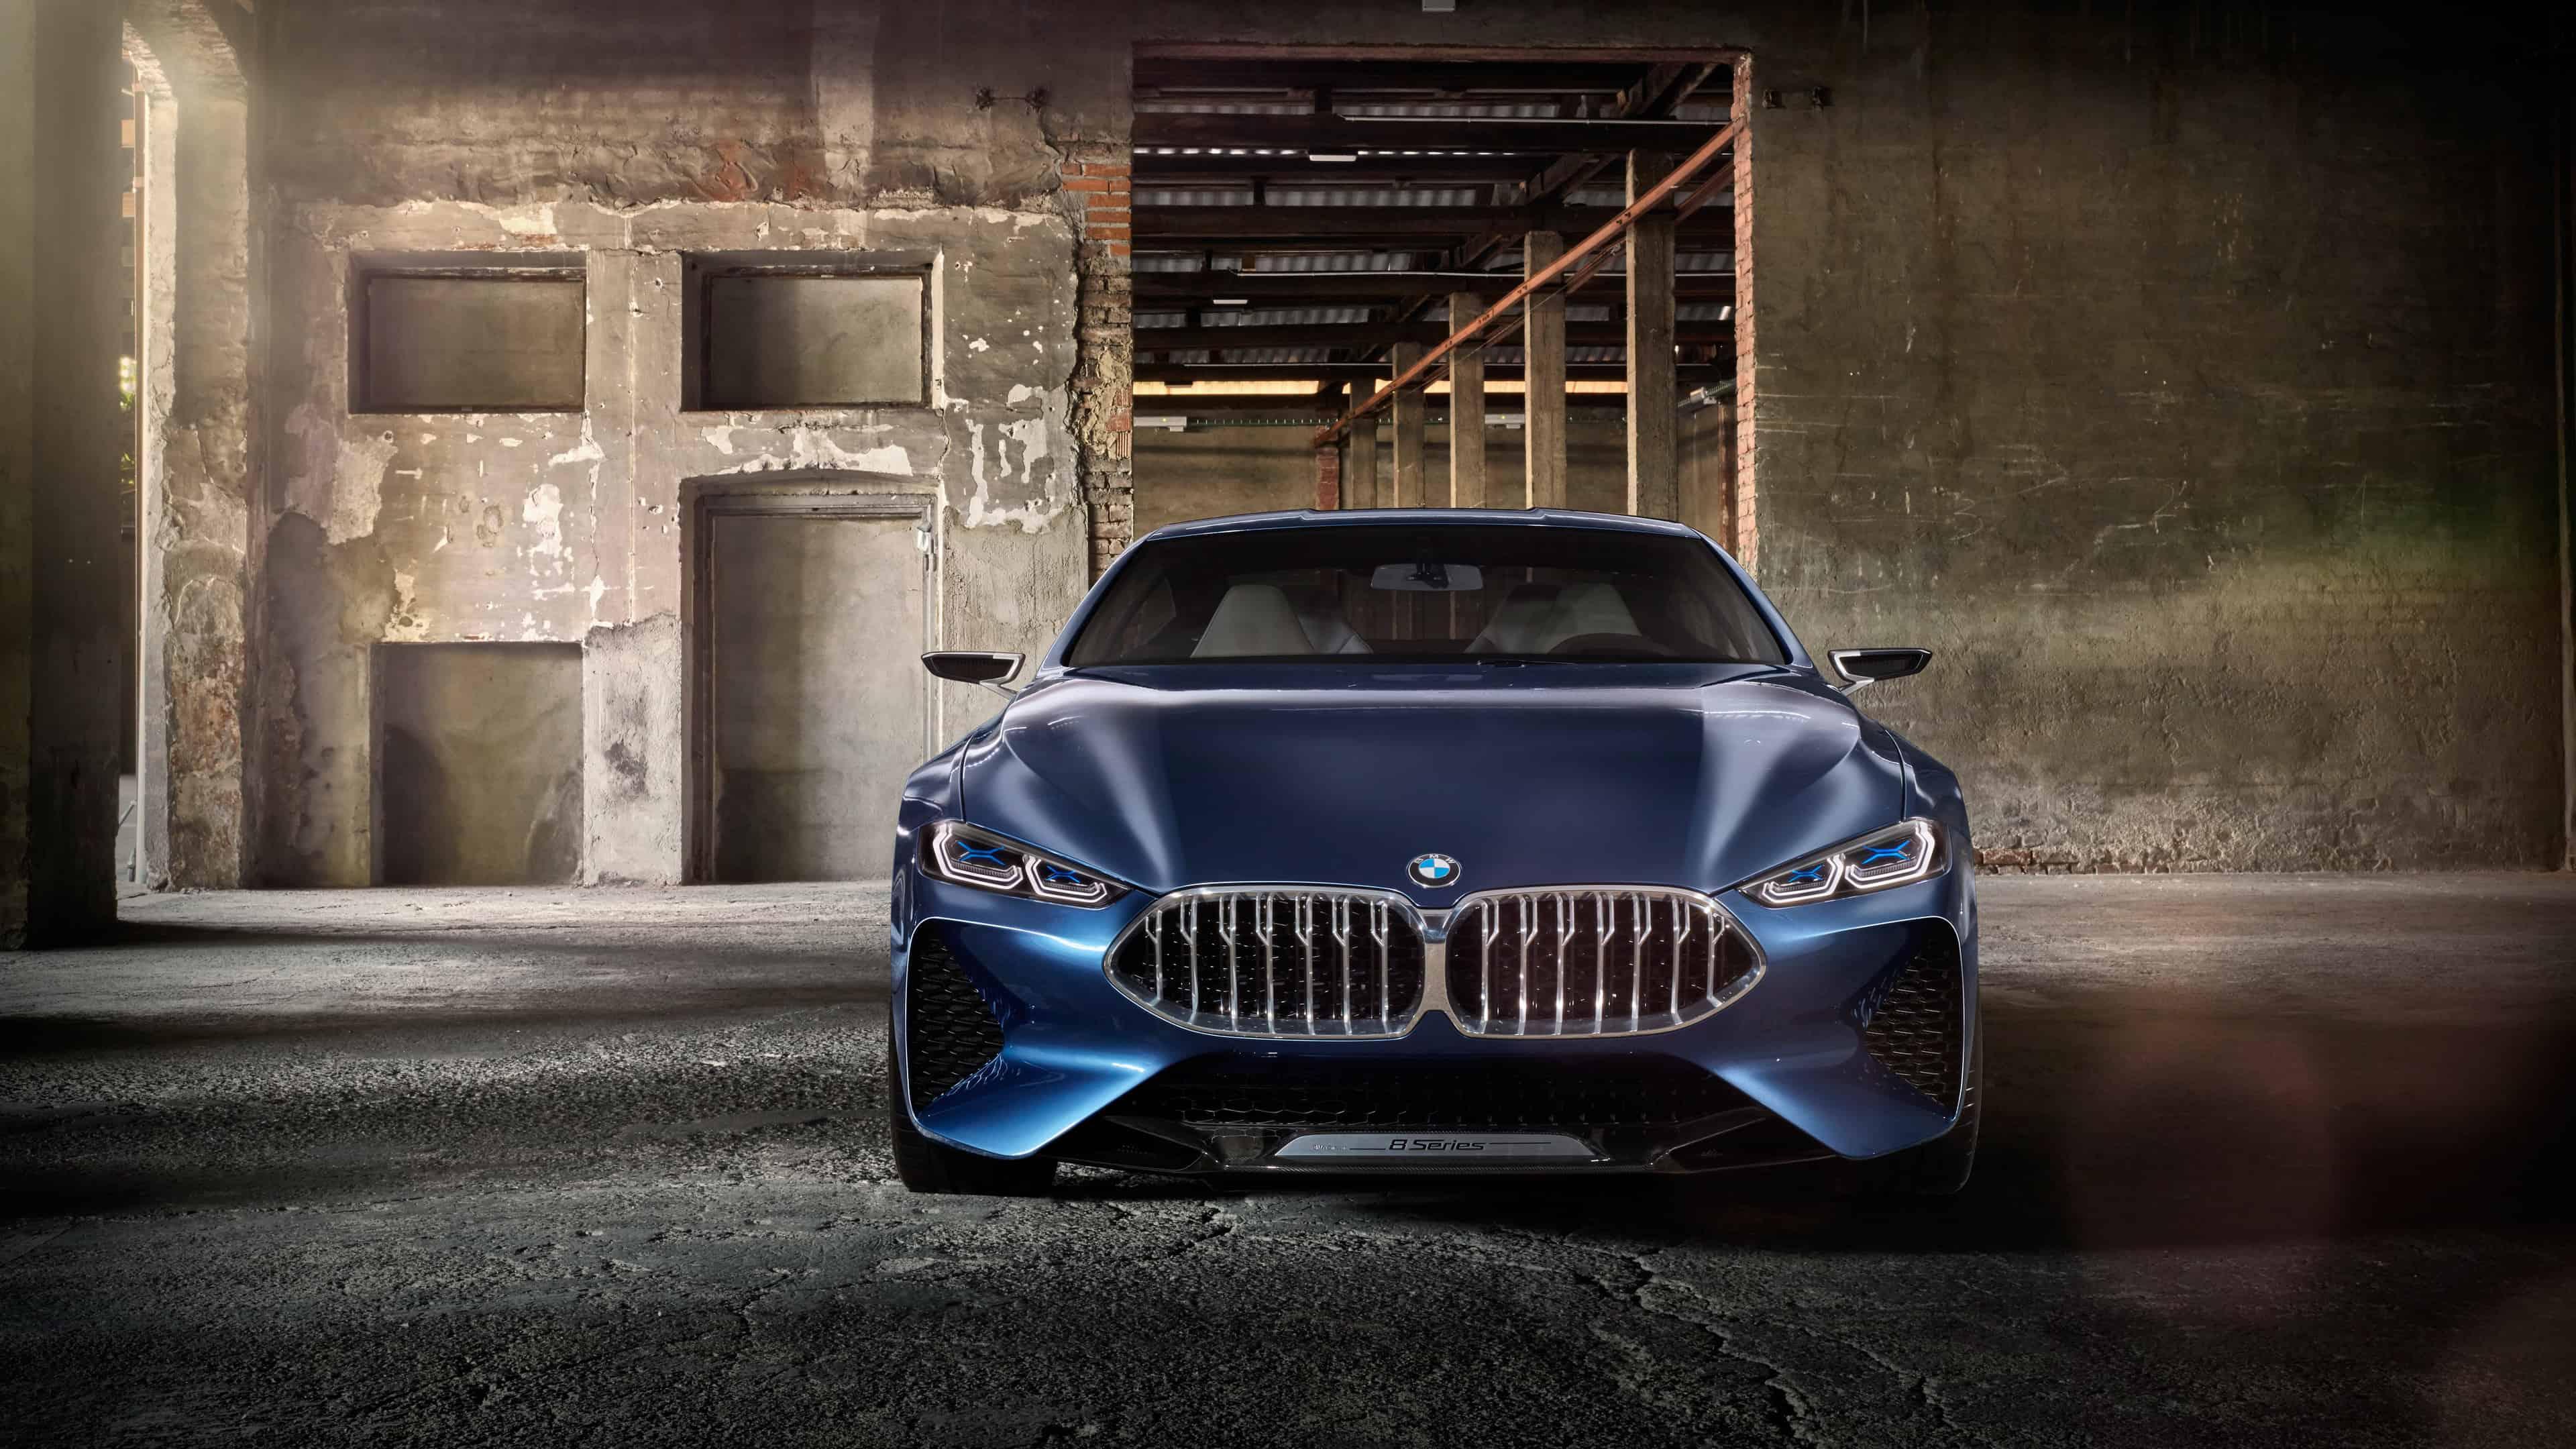 BMW 8 Series UHD 4K Wallpaper - Pixelz.cc